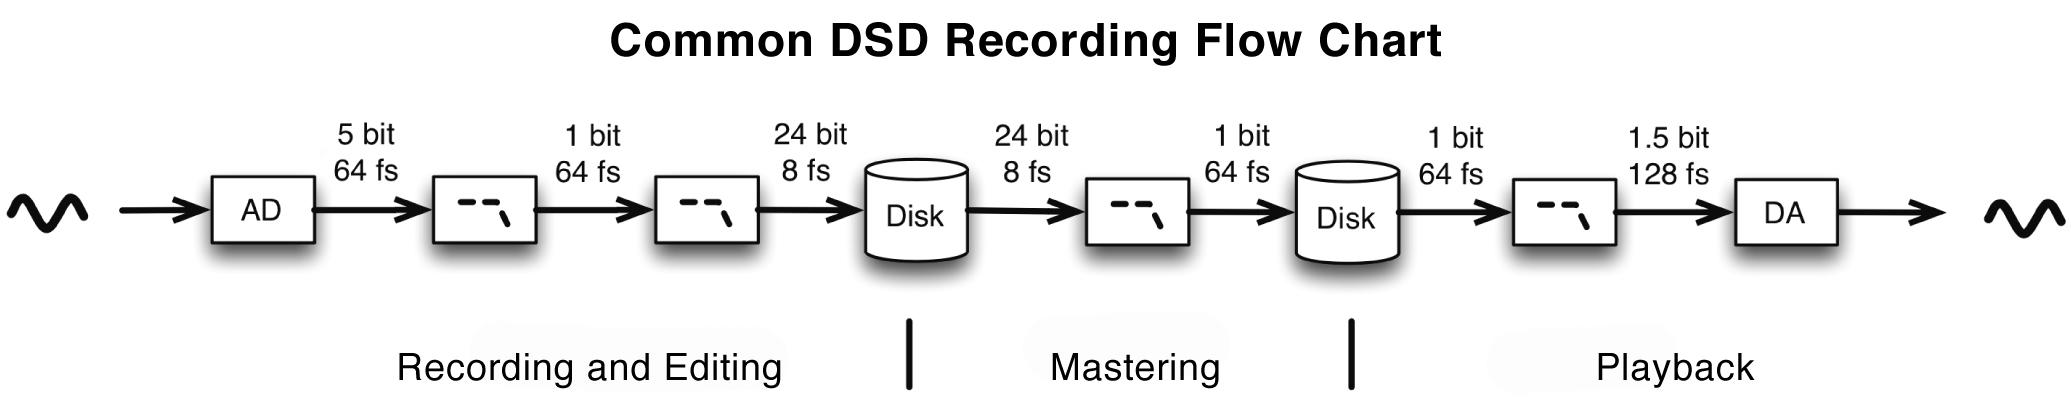 dsd-recording-true.jpg?t=1439480957